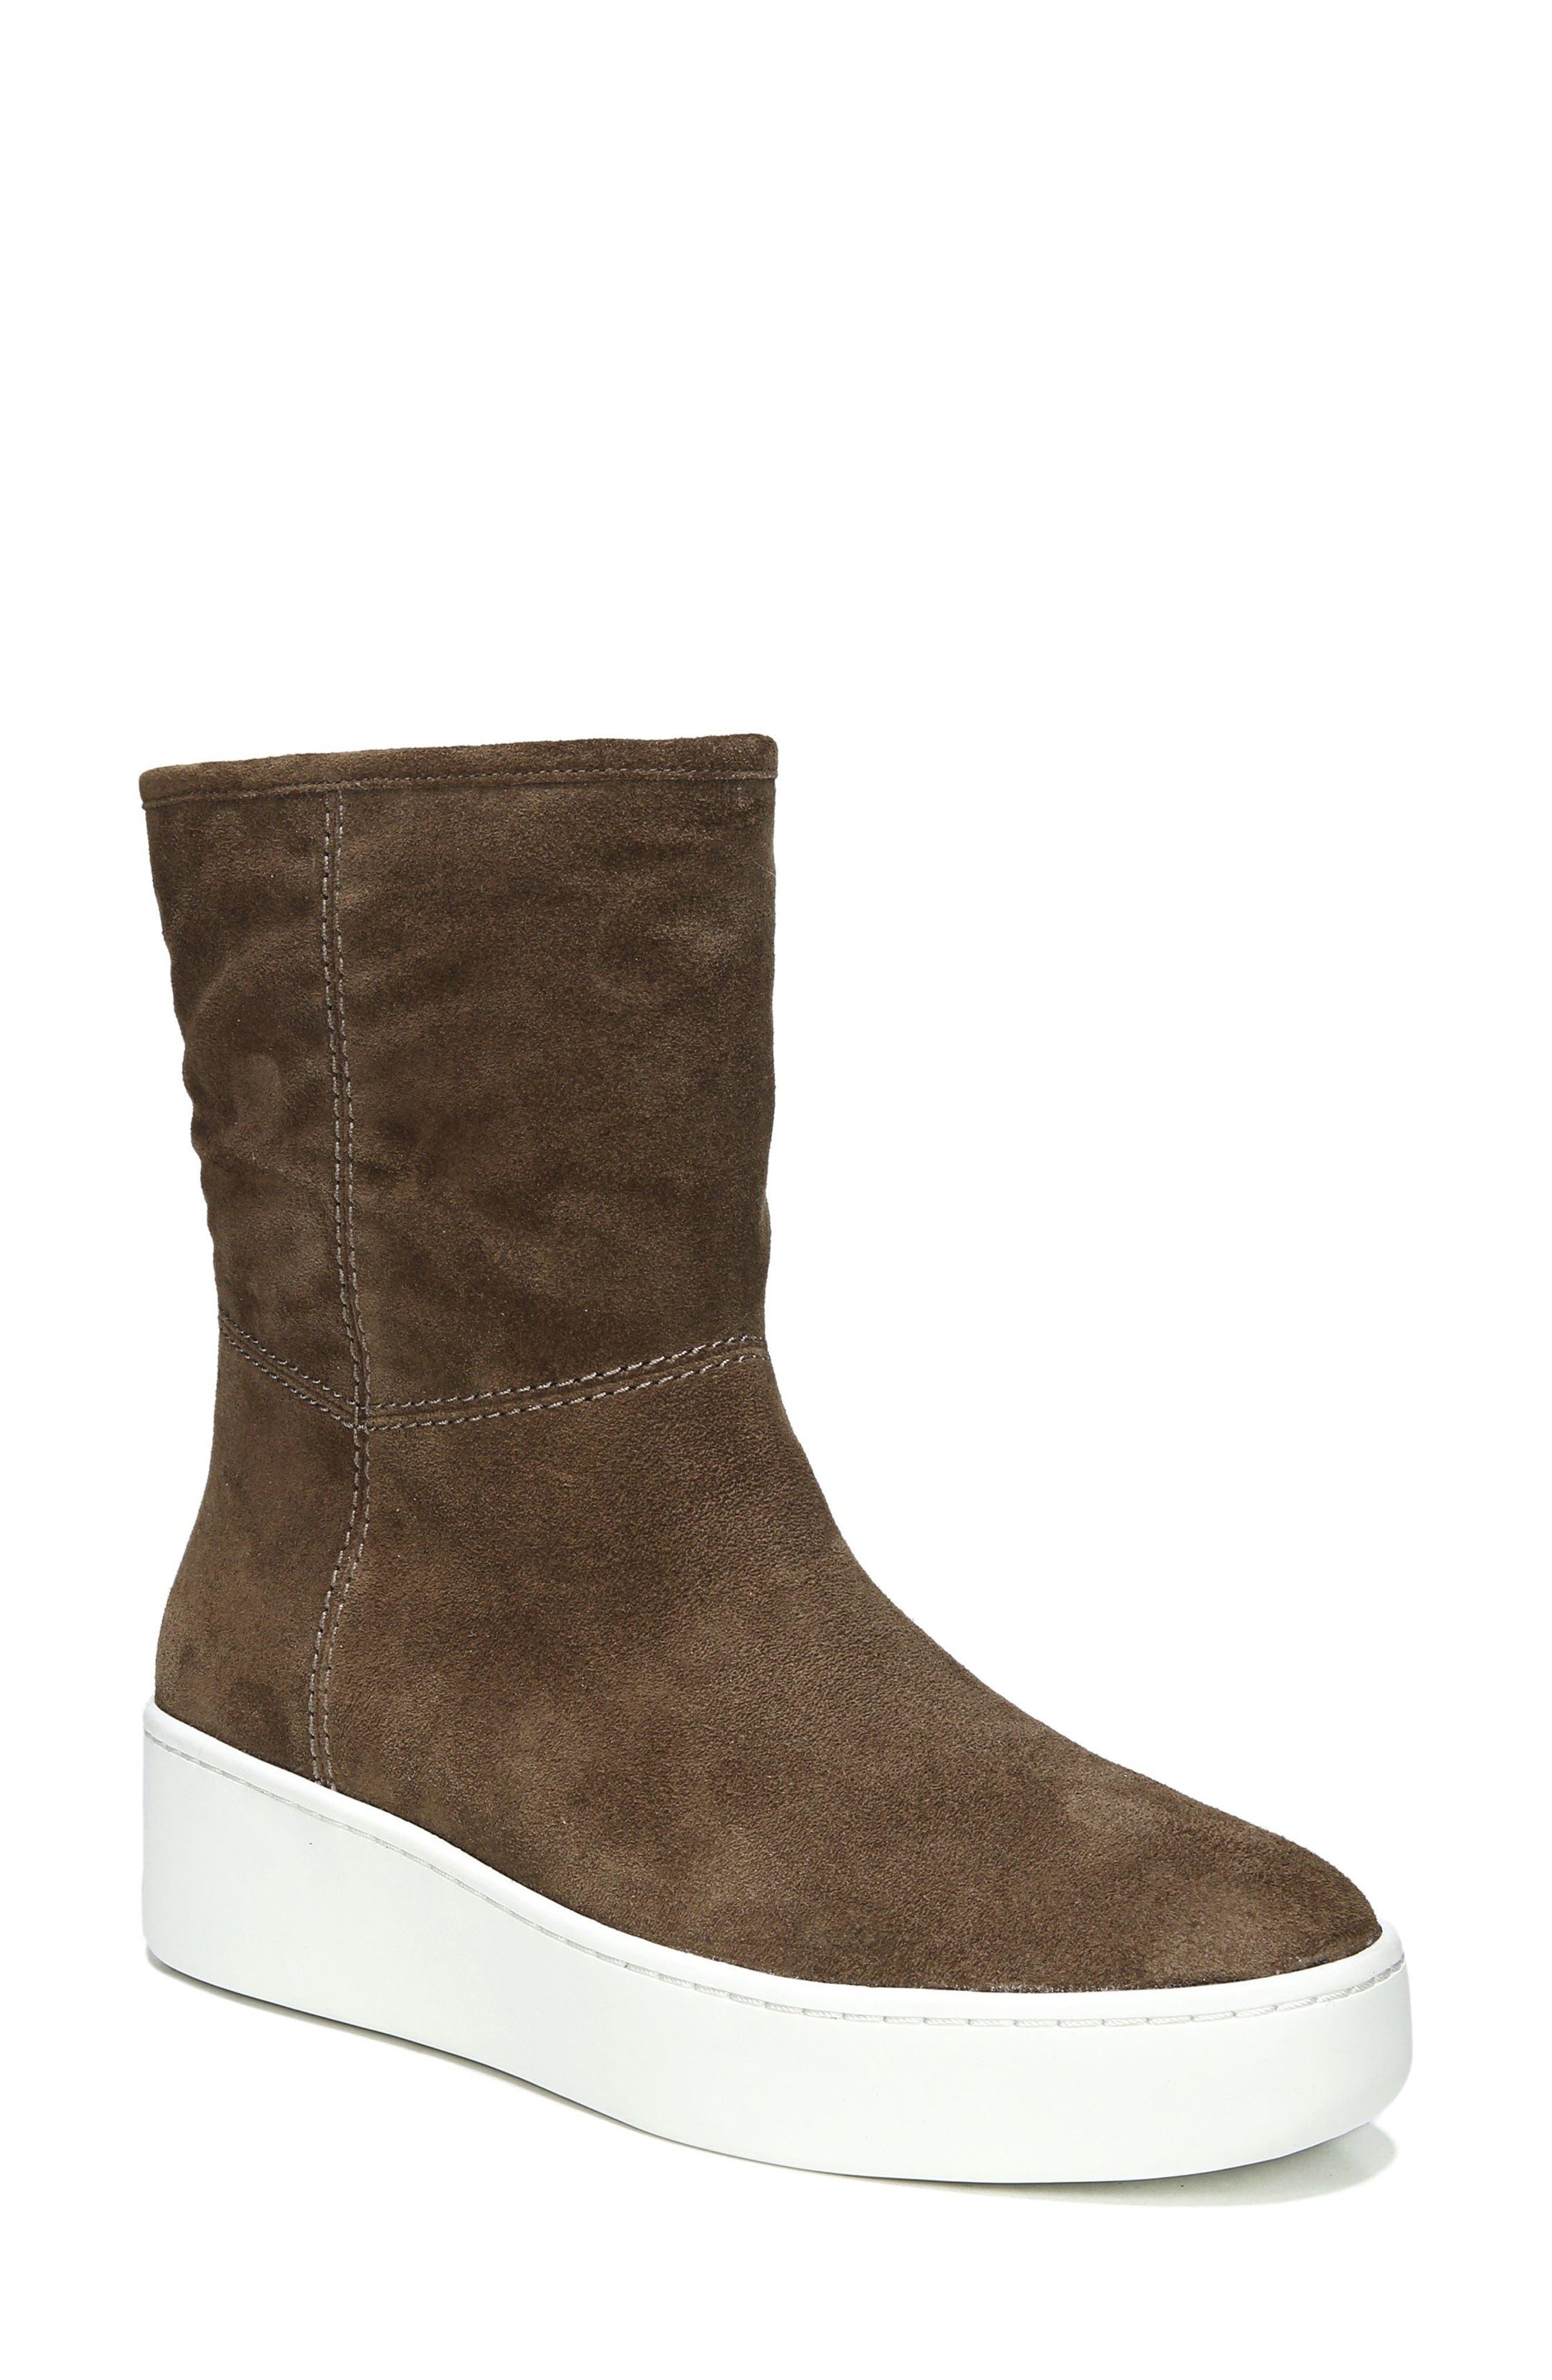 VIA SPIGA Elona Sneaker Boot